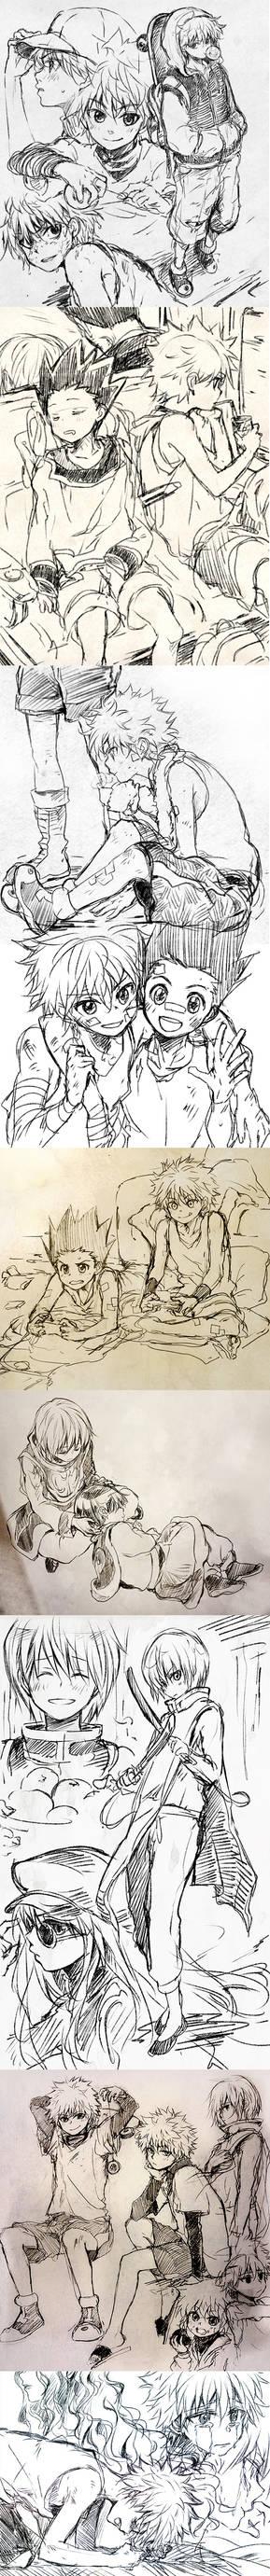 HxH sketches